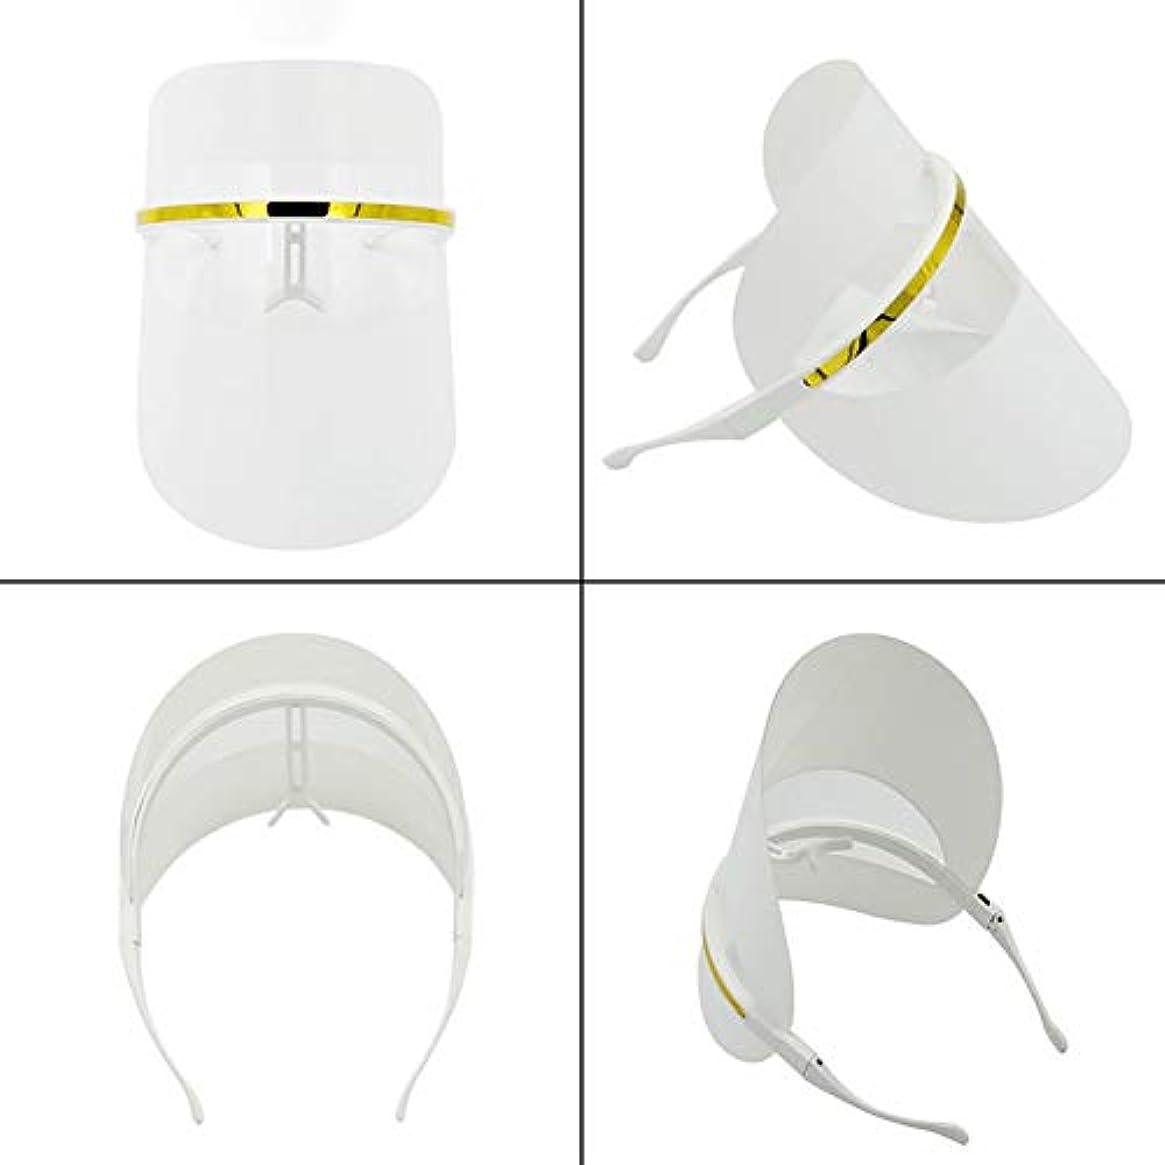 少年信頼できるディレクトリ7色LEDフェイスマスク、LEDフォトンビューティーマスク、健康的な肌の若返りのためのフォトンレッドライトセラピー、コラーゲン、アンチエイジング、しわ、瘢痕